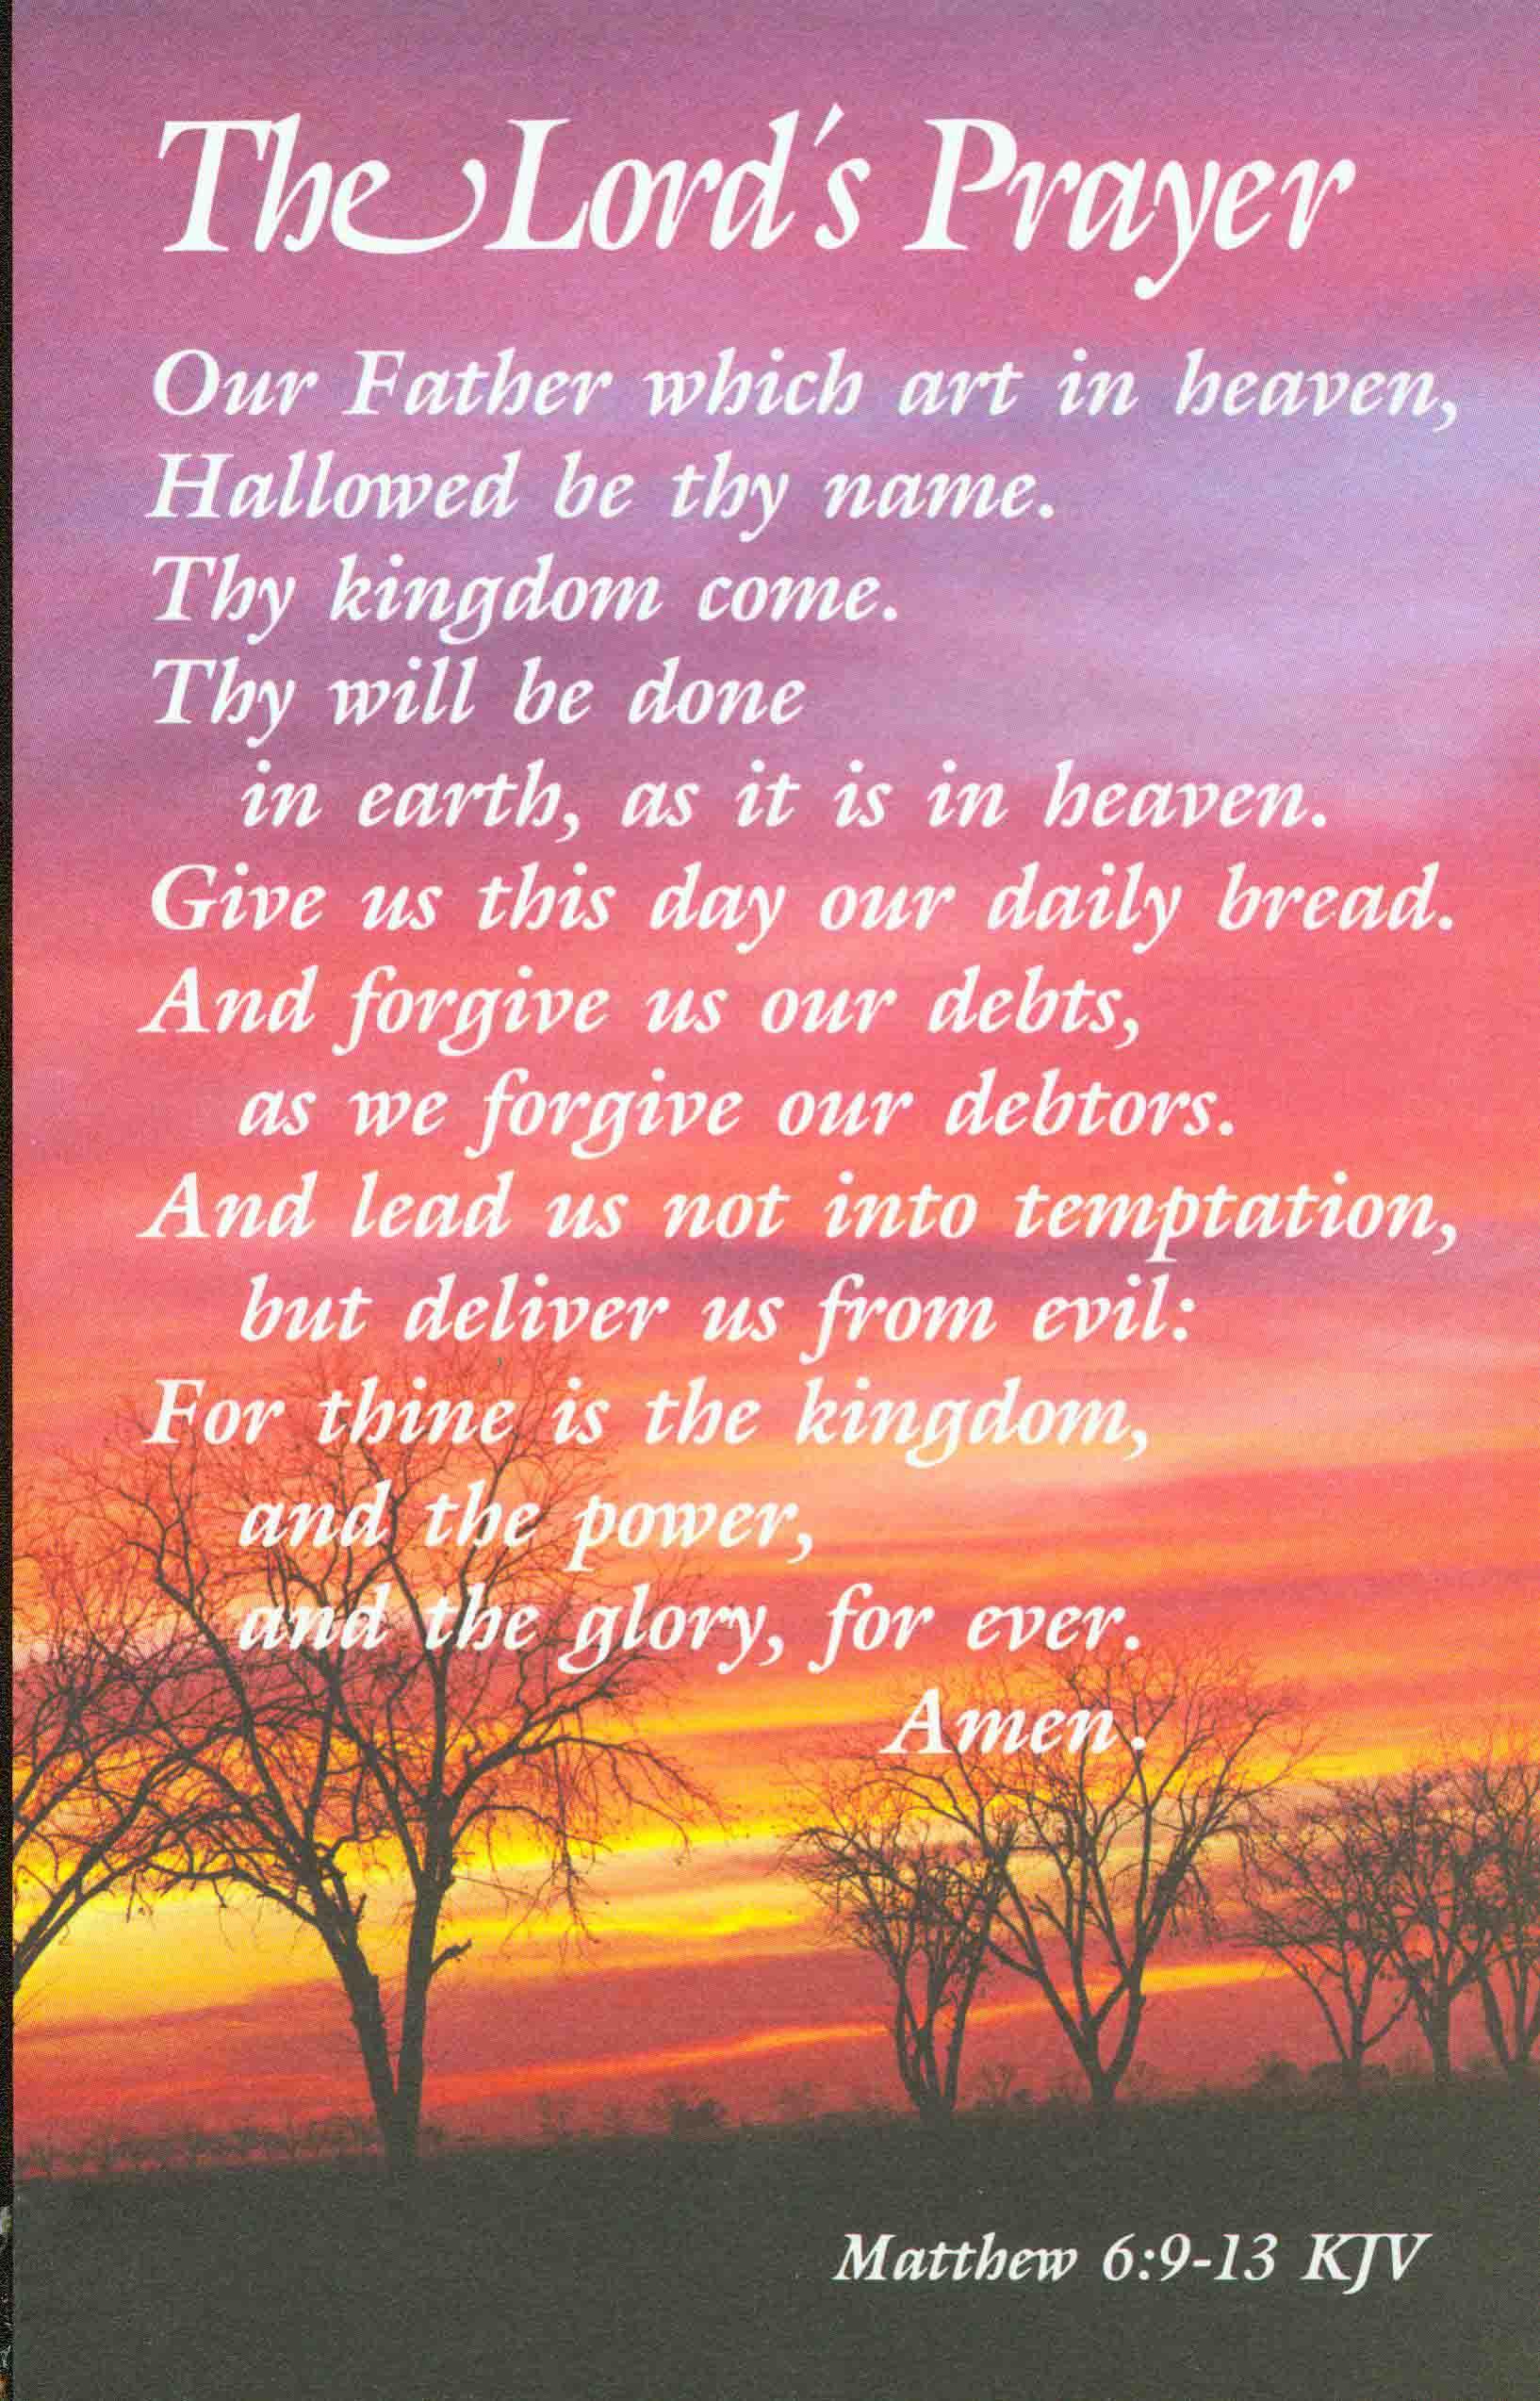 Christian World 008 Christian Prayers 001 A Beautiful